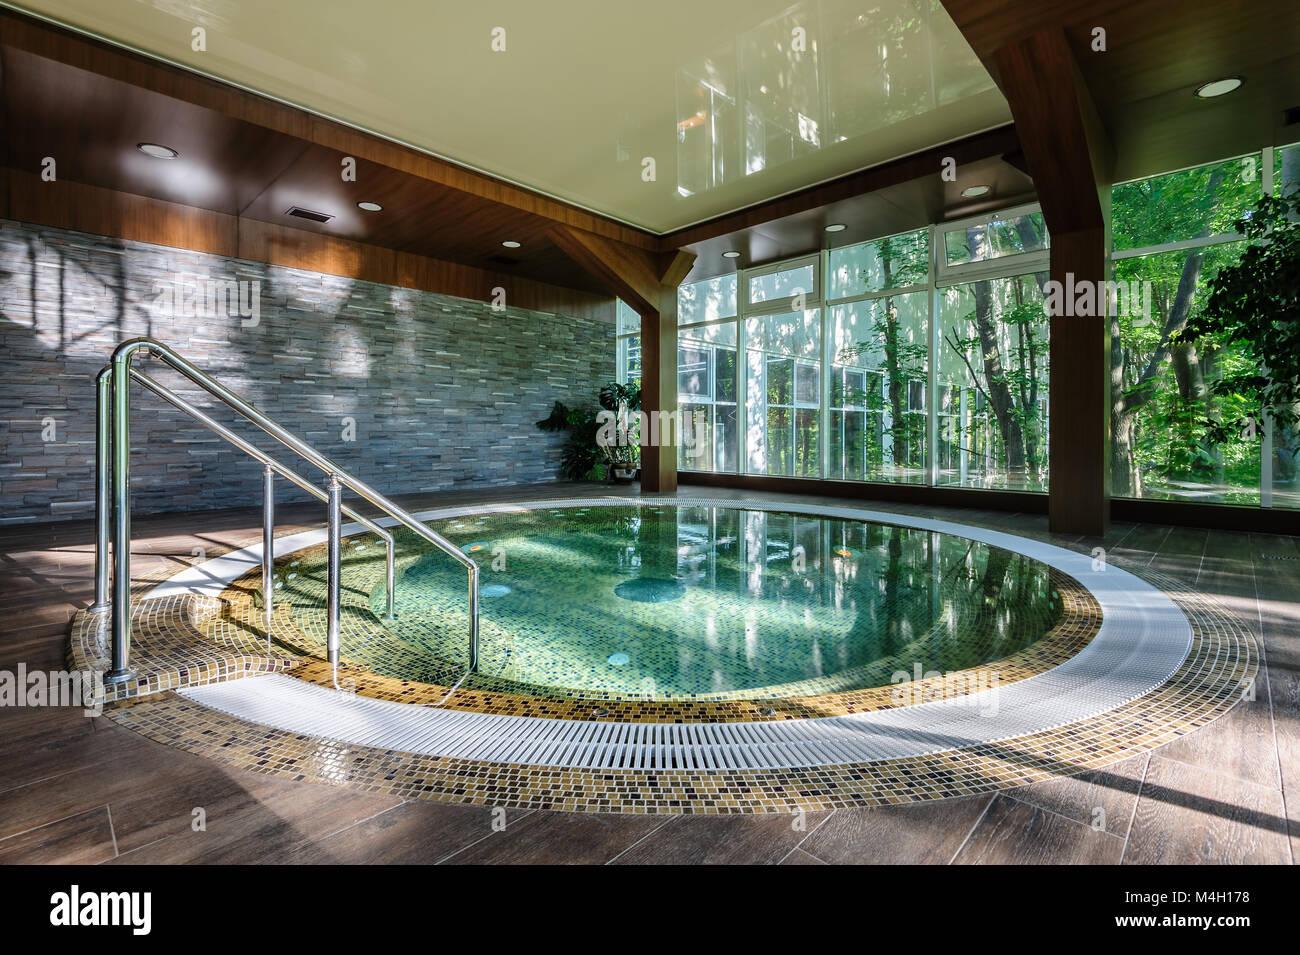 Big luxury jacuzzi tub Stock Photo, Royalty Free Image: 174936476 ...